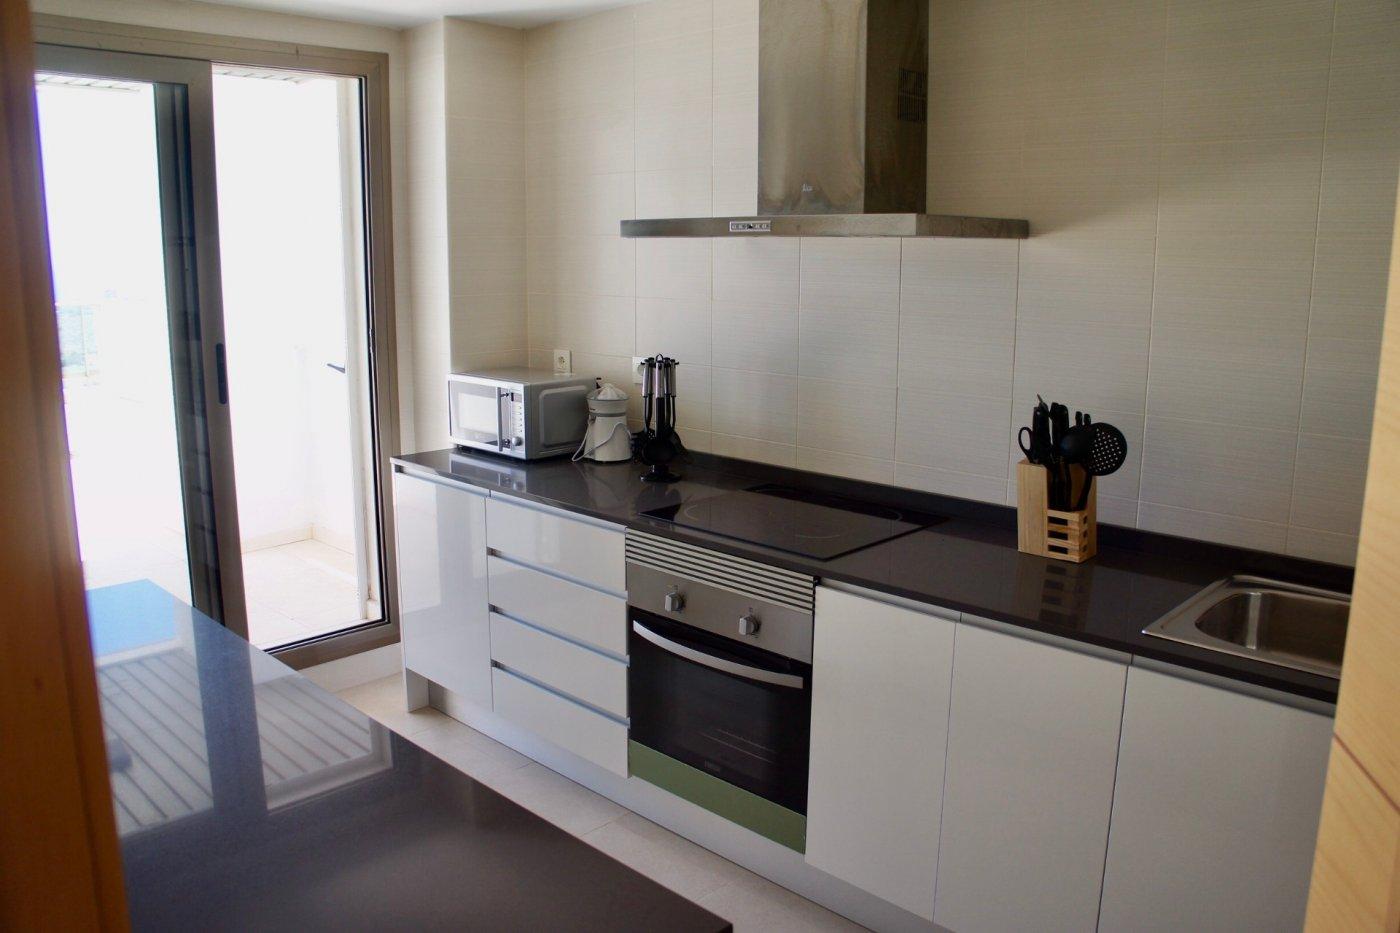 Imagen de la galería 7 of Gran apartamento orientado al sur de 3 dormitorios y 2 baños con preciosas vistas y 75 m2 de teraza